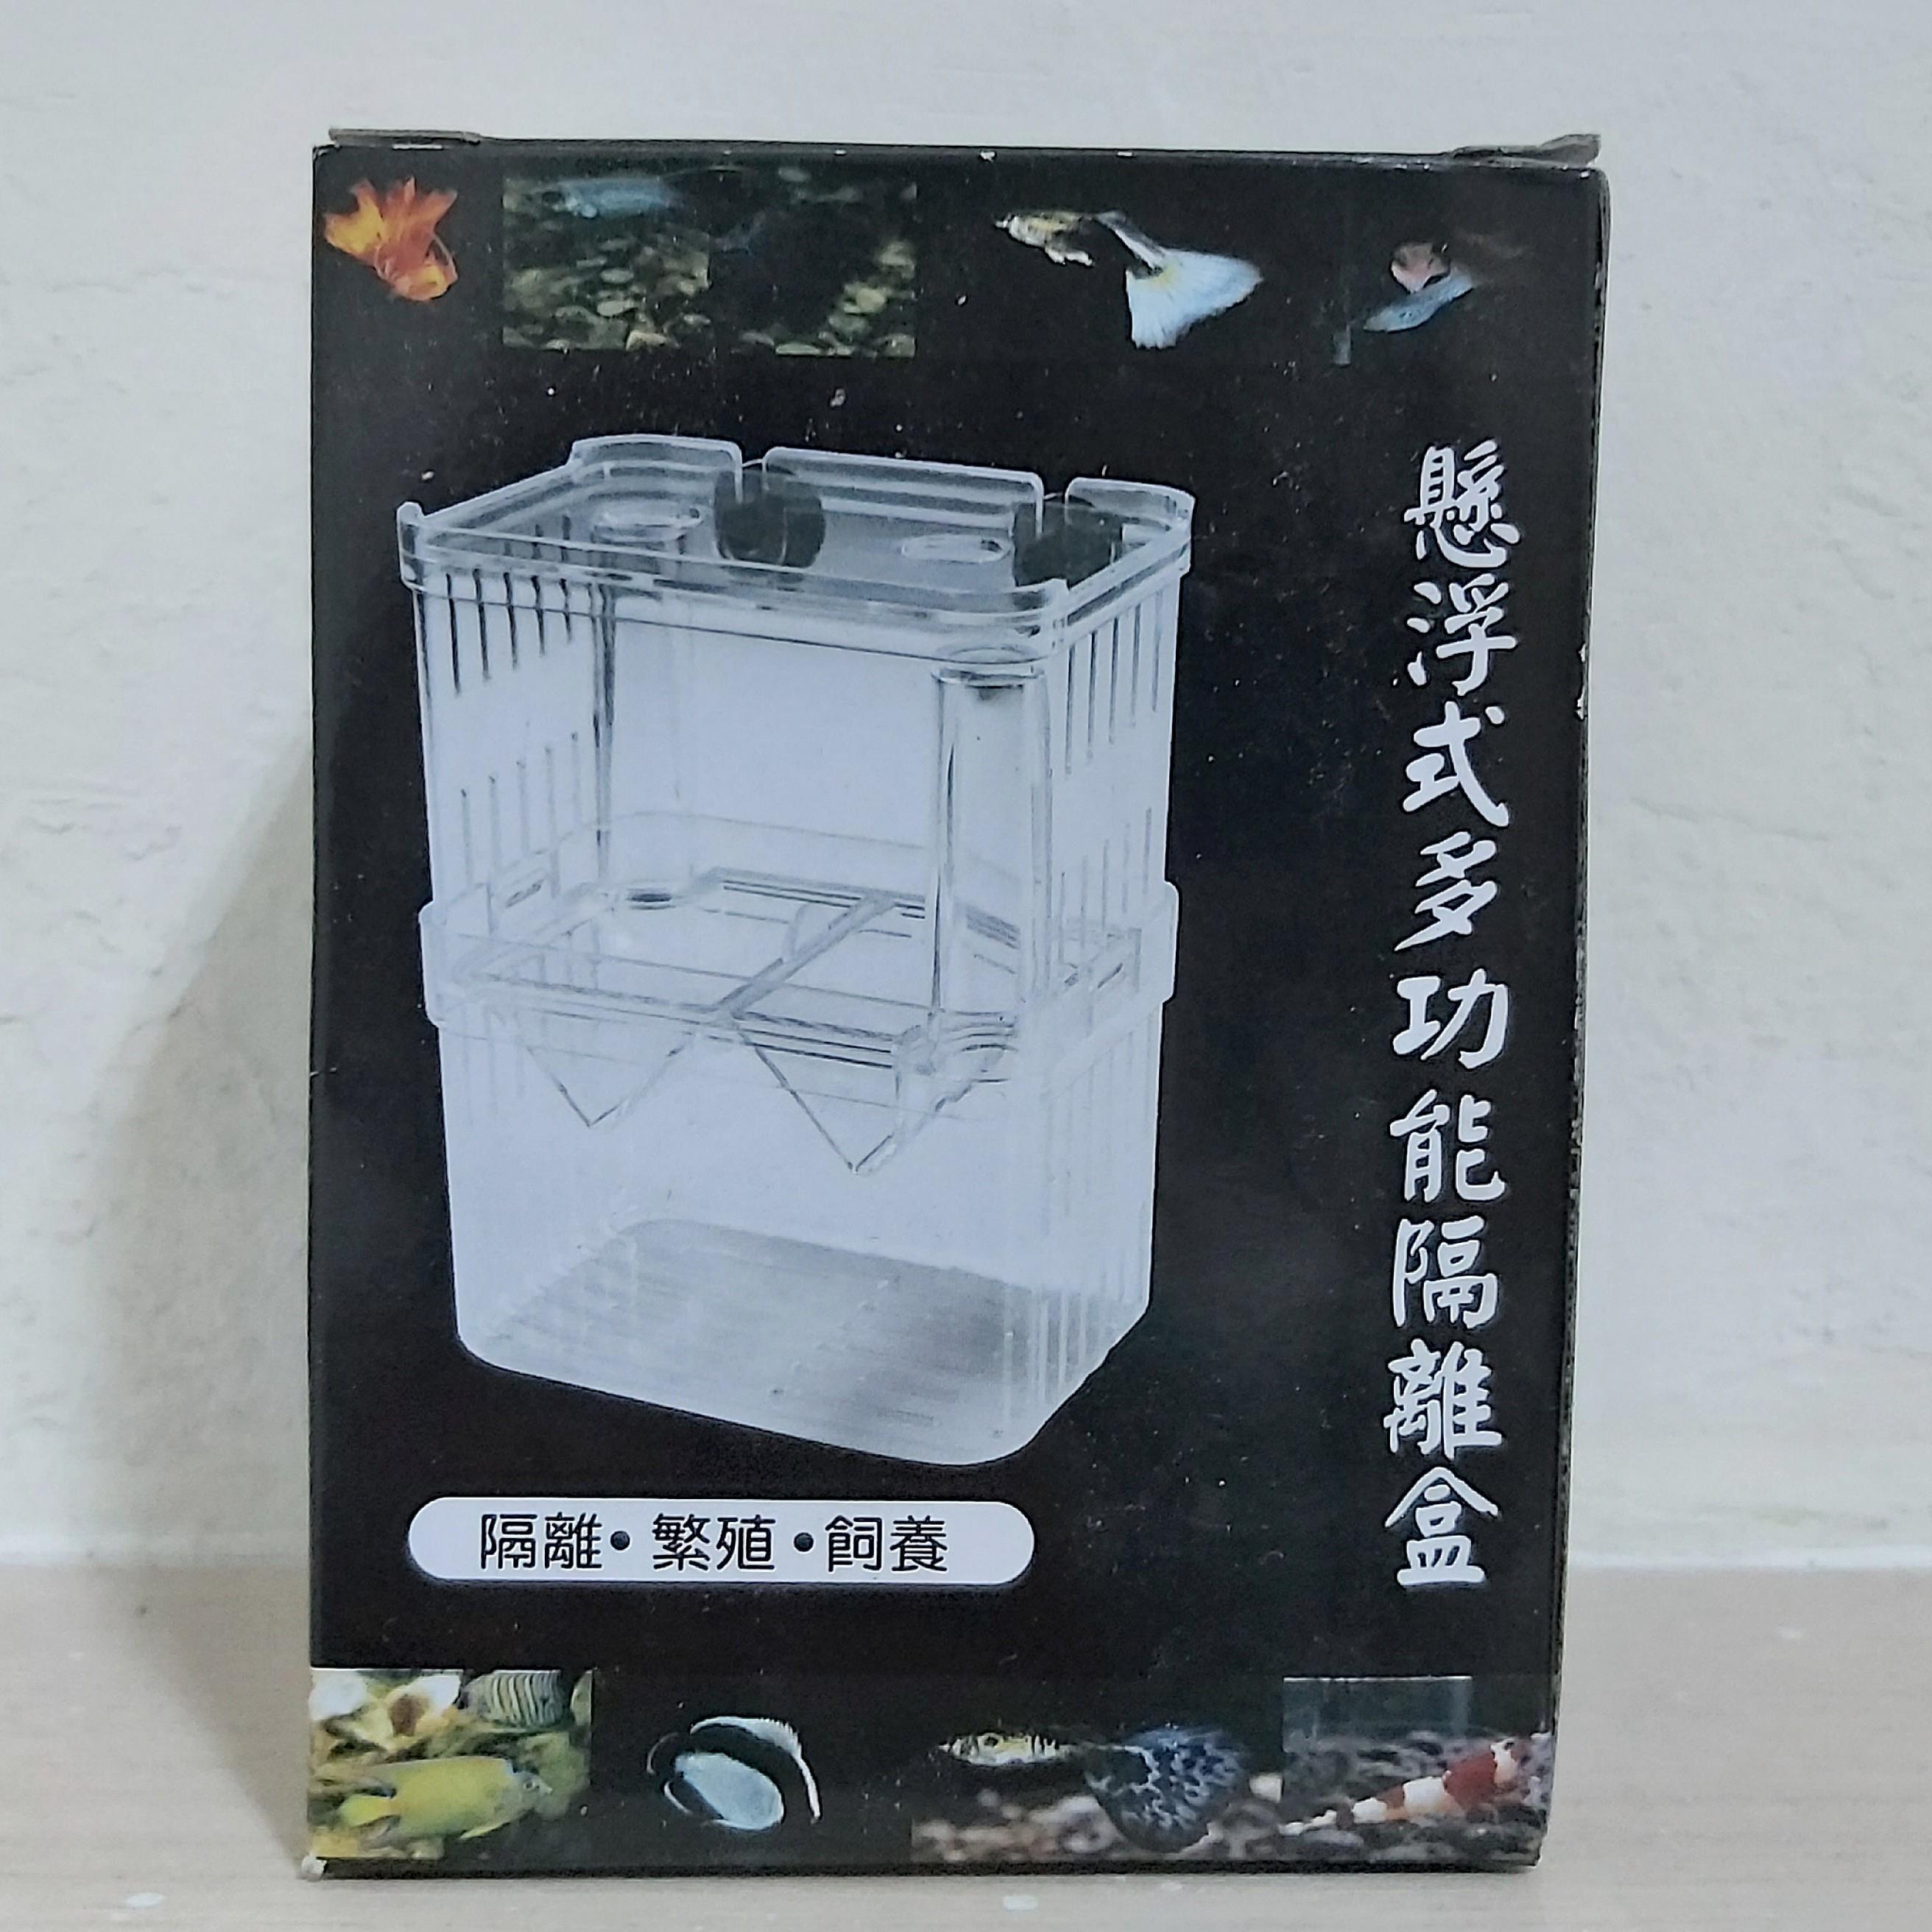 全新 魚缸懸浮式隔離盒 繁殖箱